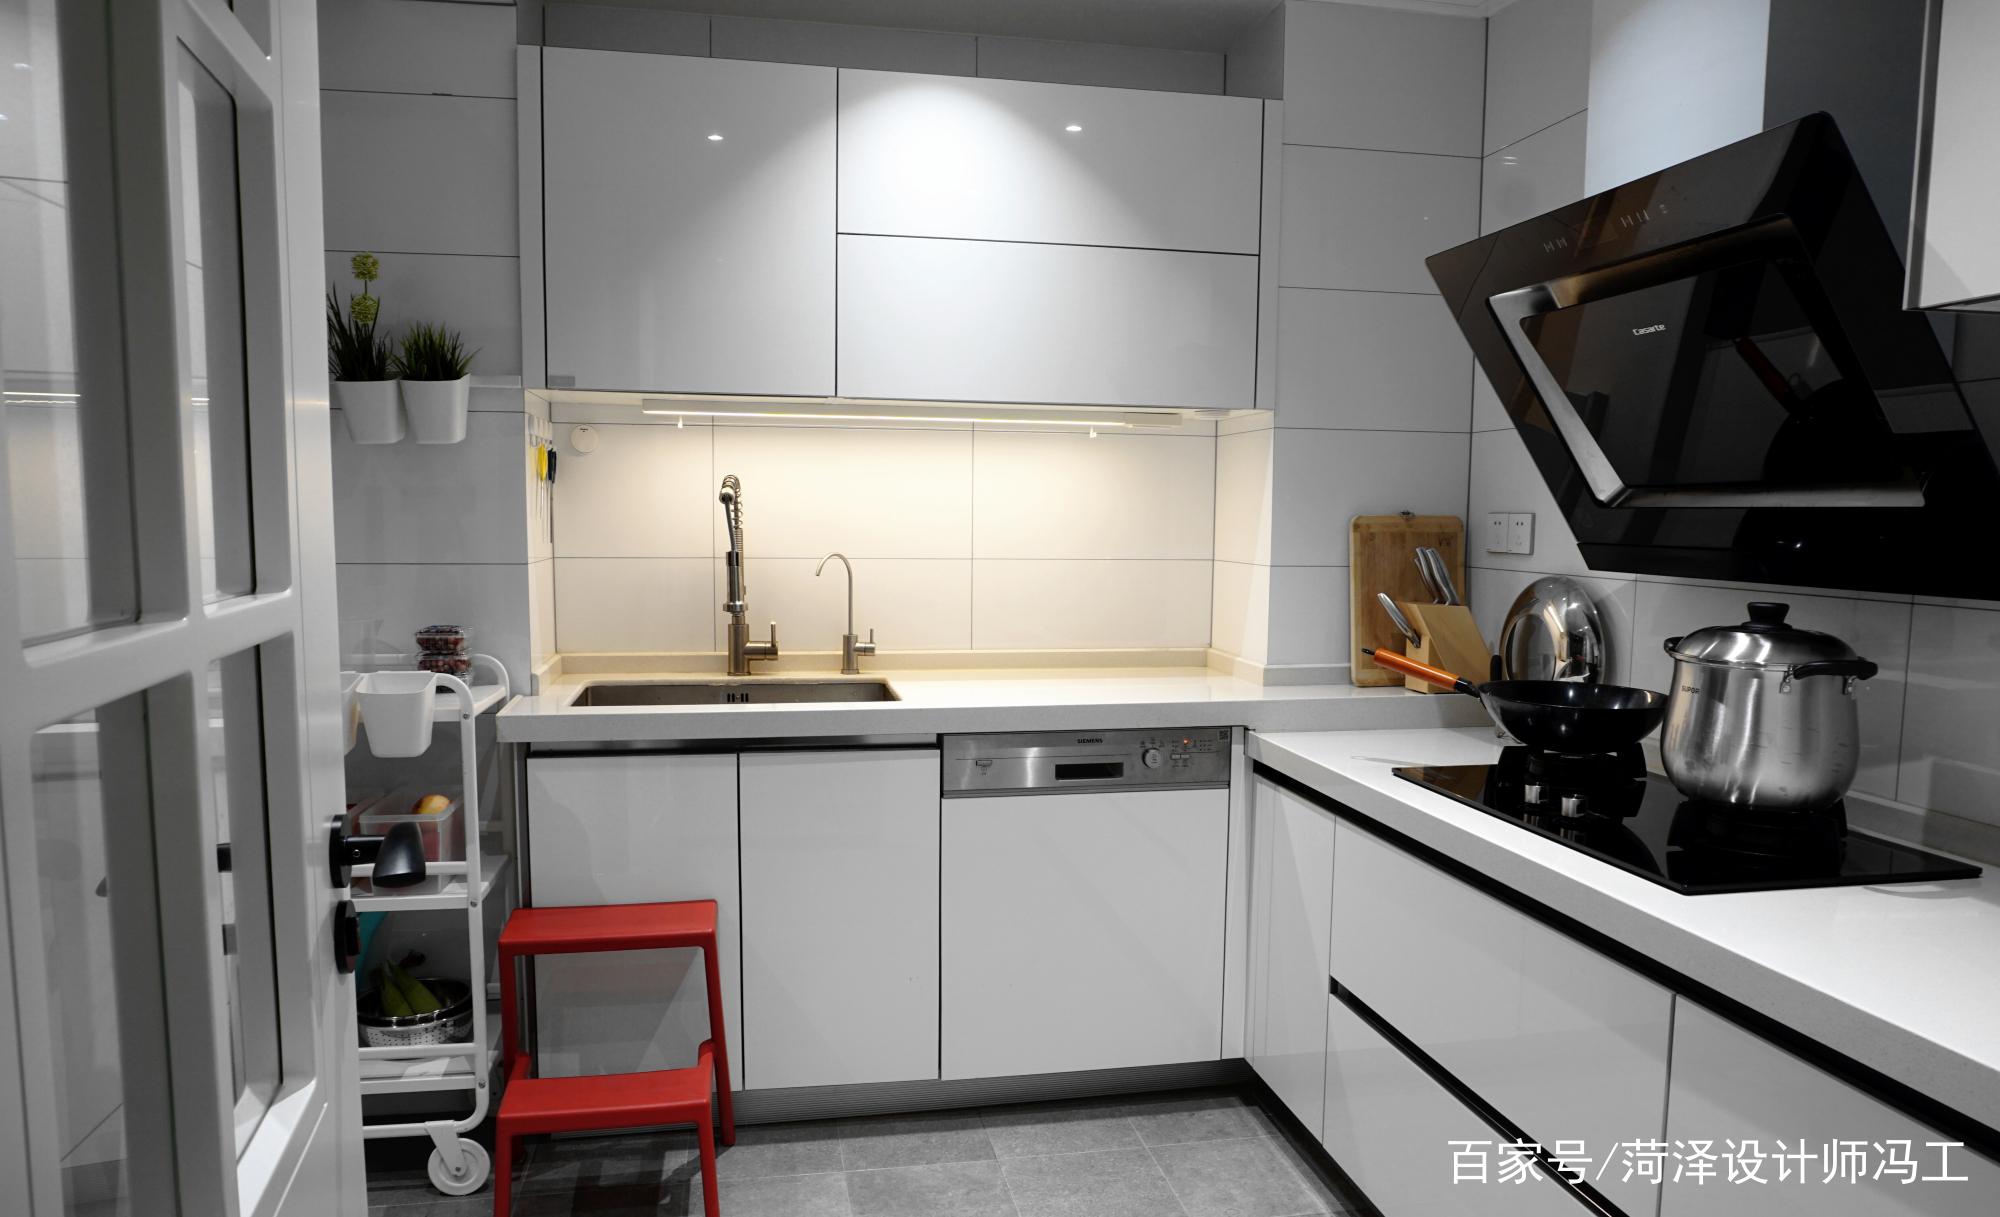 分享一个厨房装修案例!